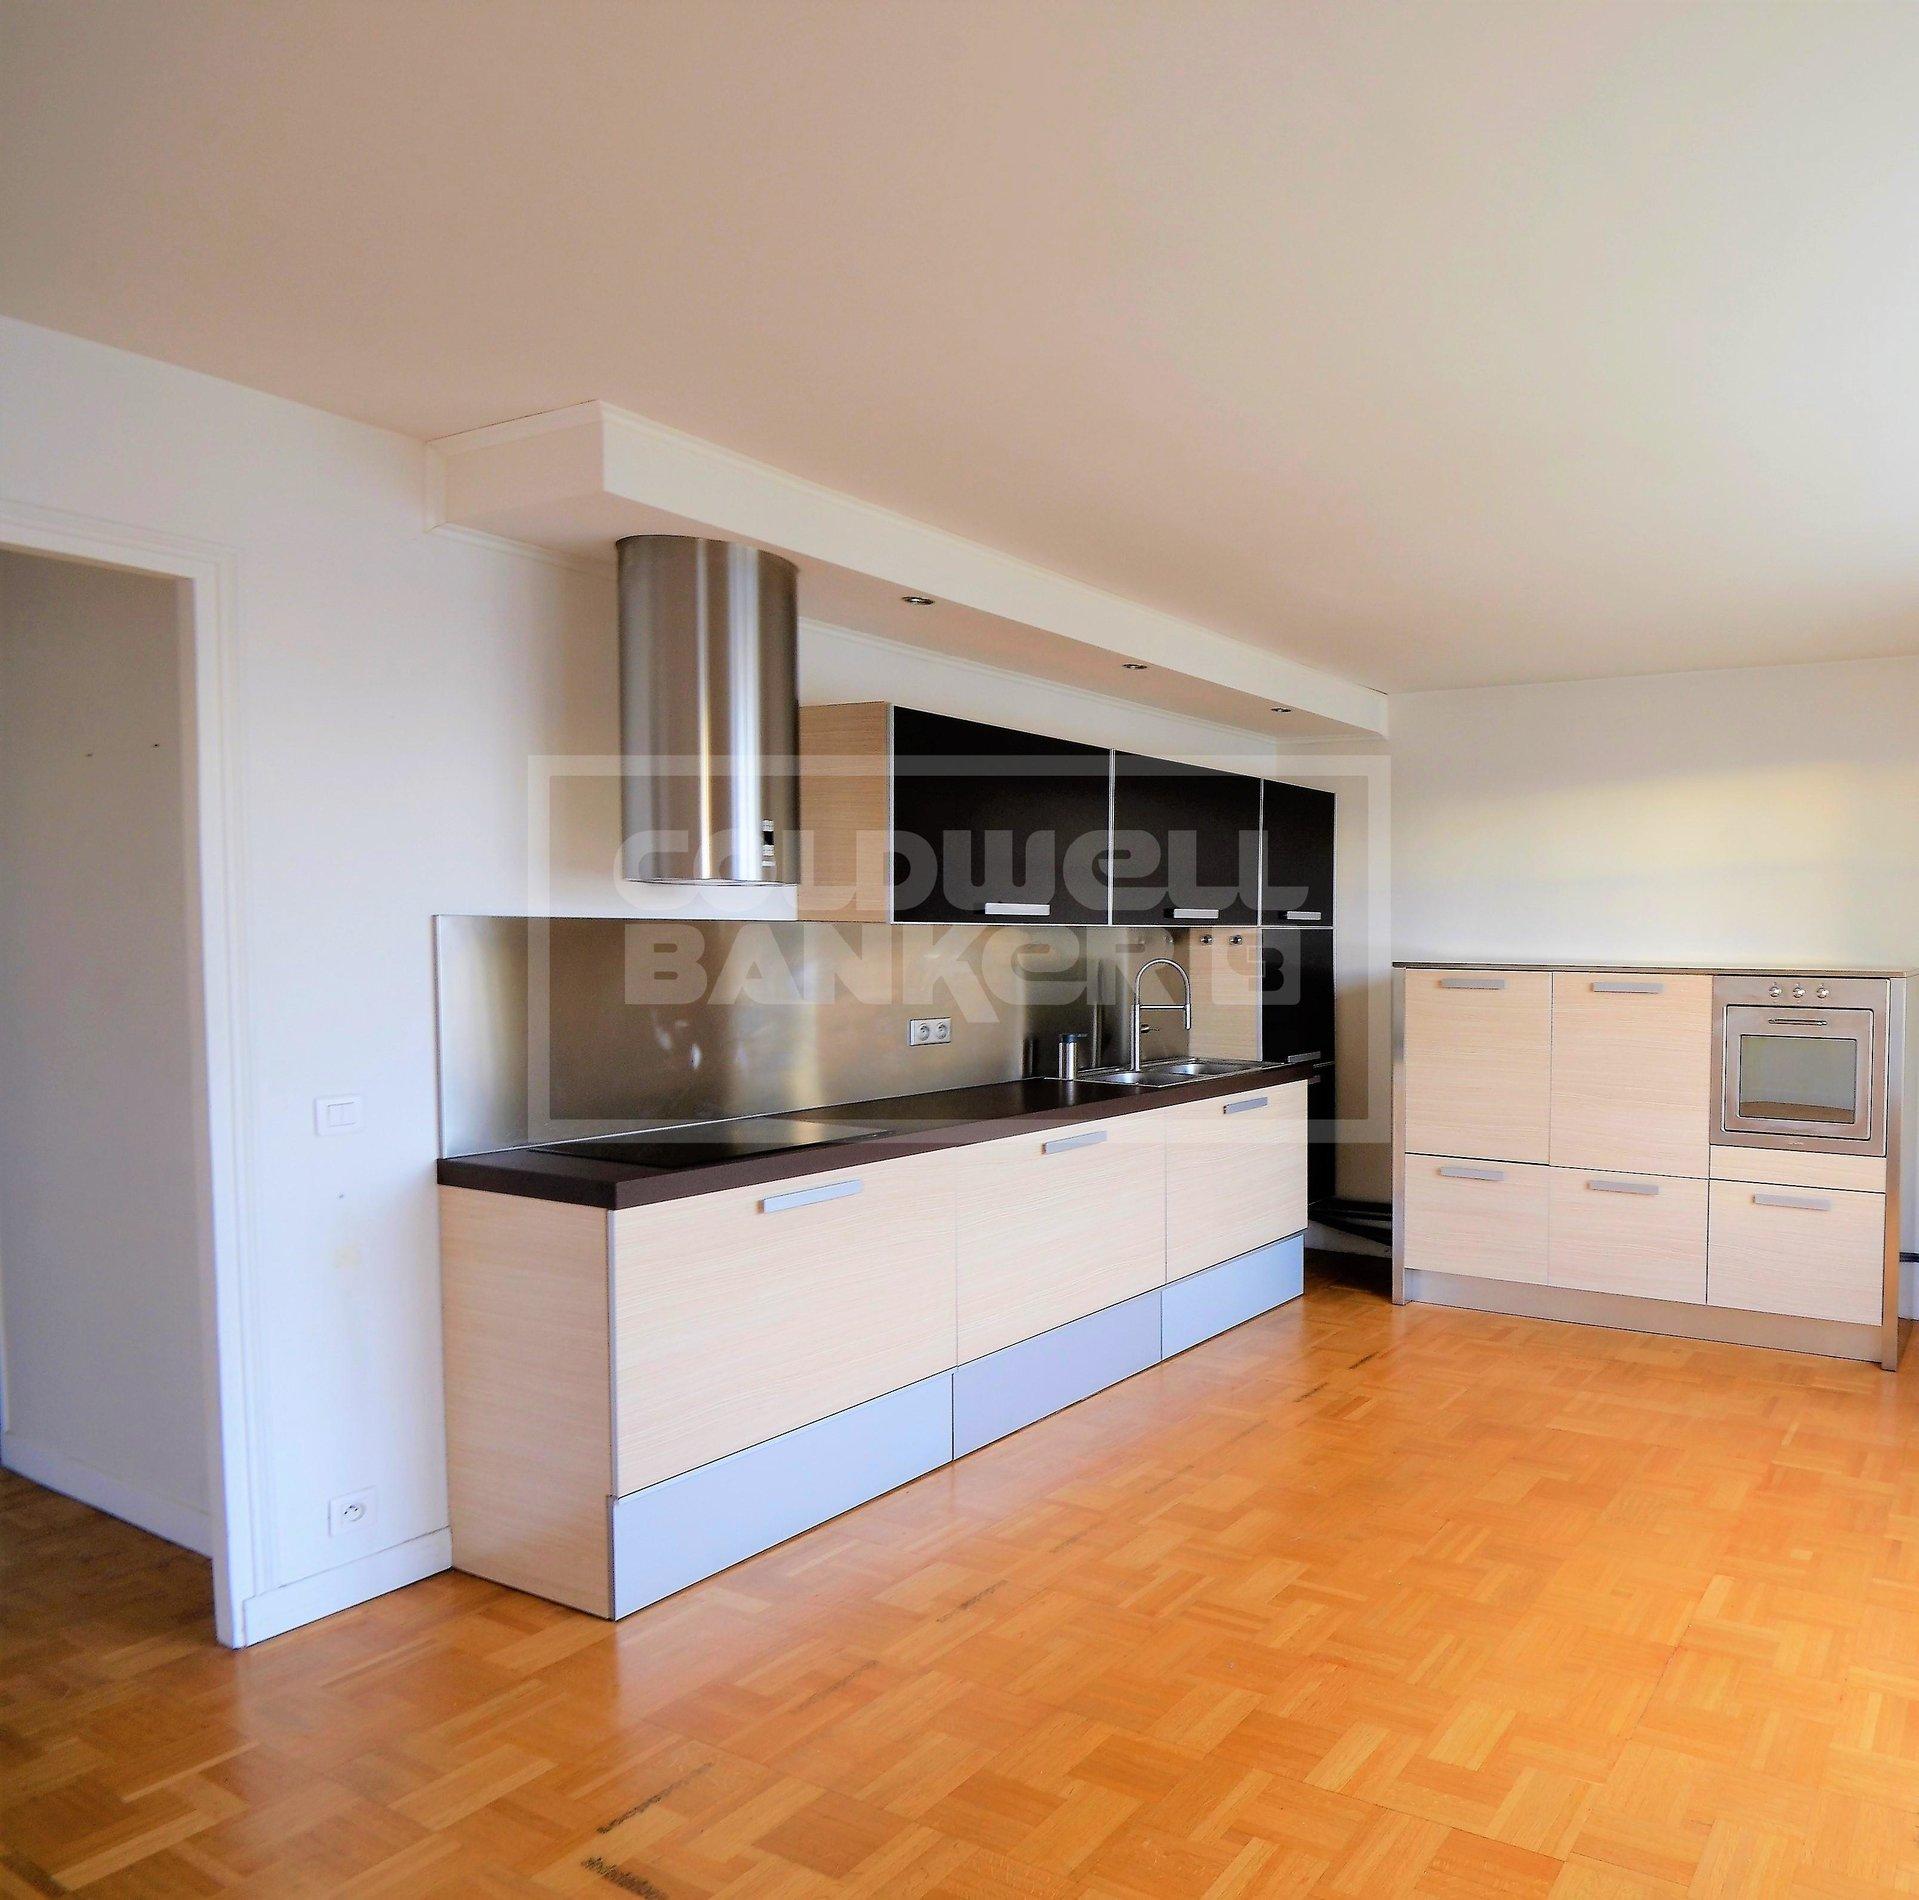 Vente Appartement - Maisons-Laffitte